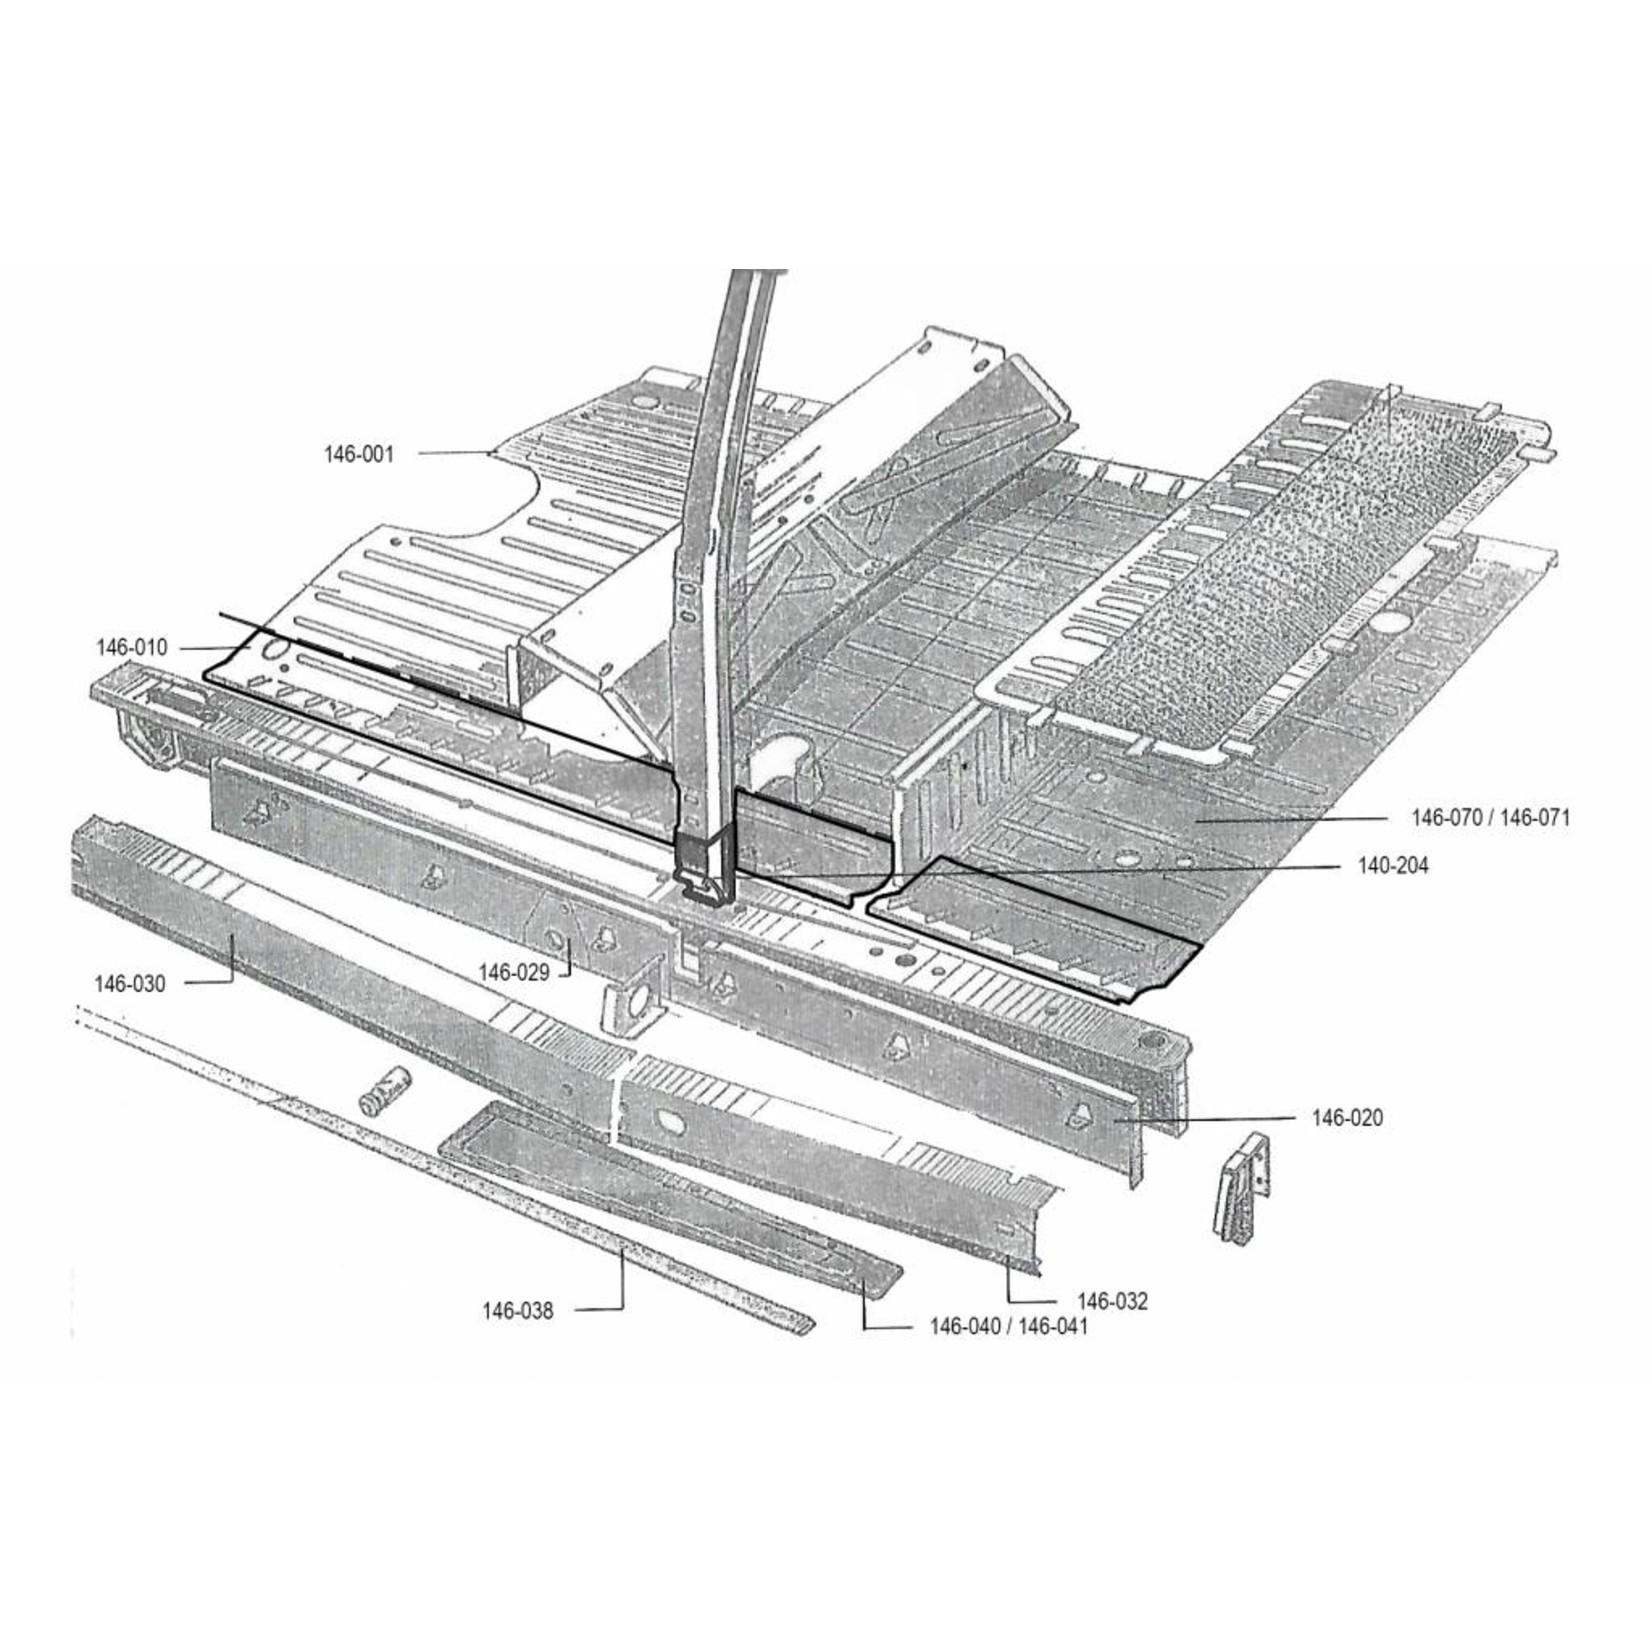 Tôle réparation plancher gauche 1,25mm Nr Org: DS74377